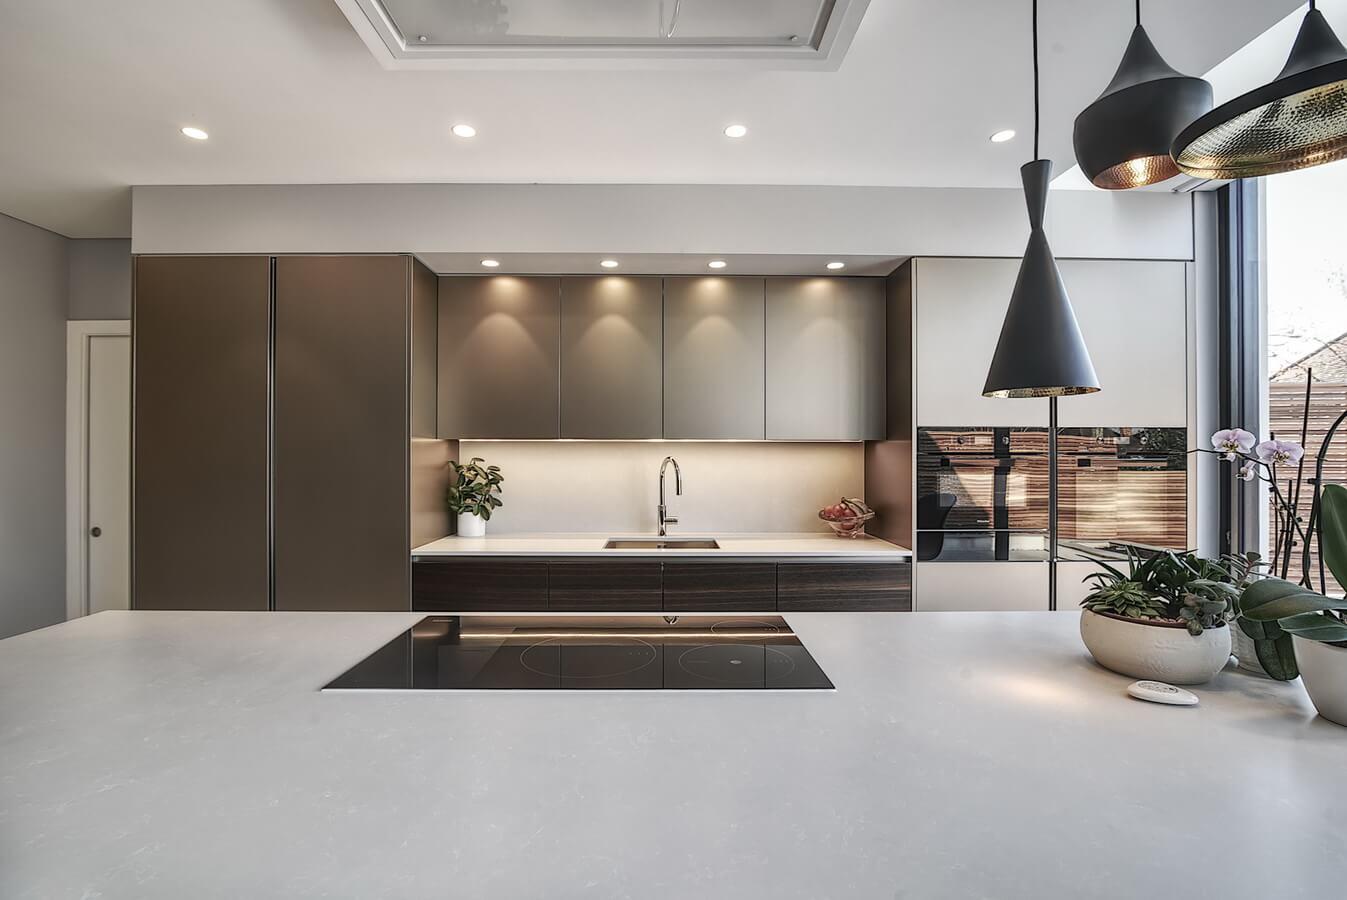 induction-hob-detail-Warendorf-German-Kitchen-Moiety.jpg